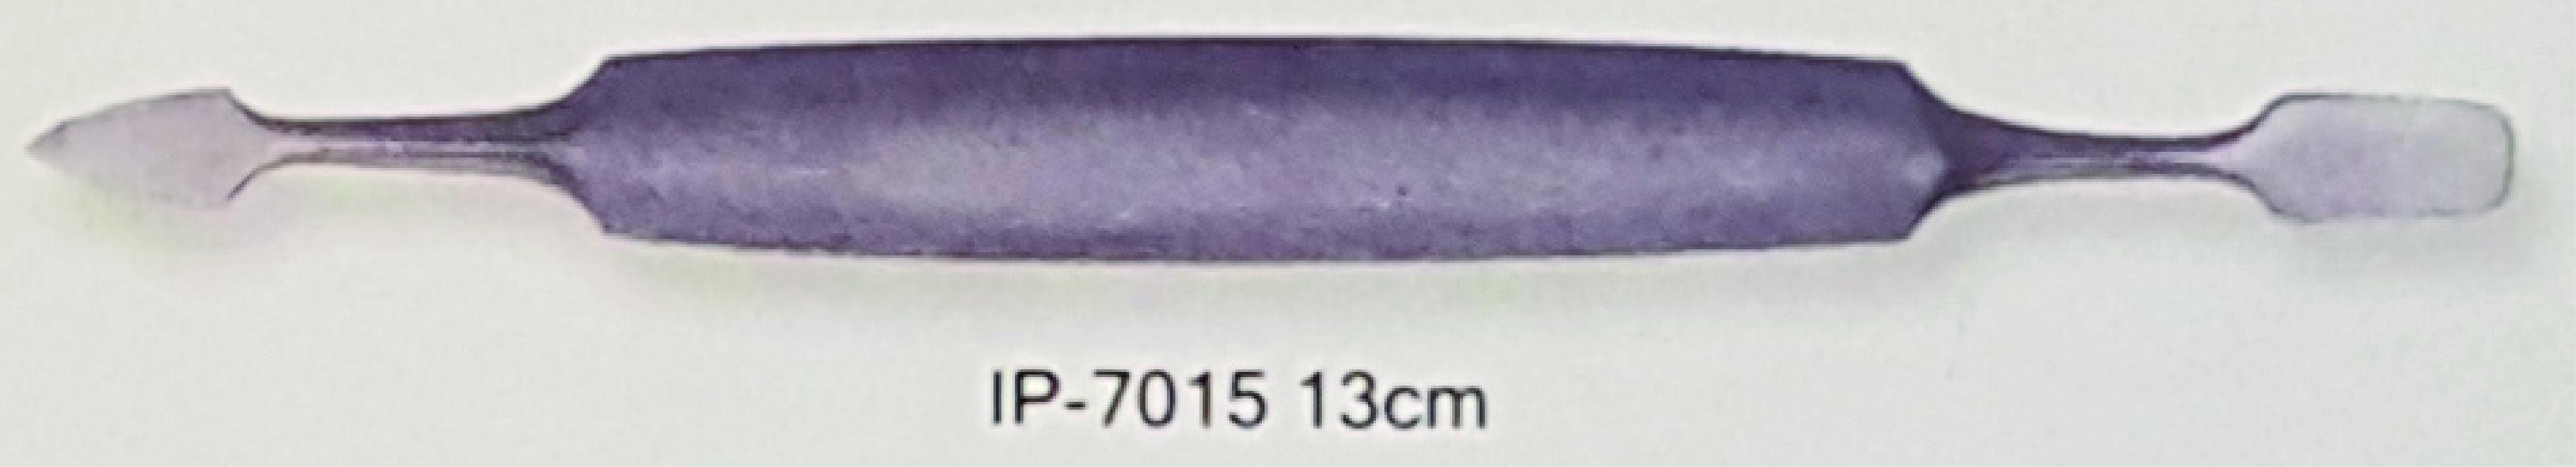 IP-7015 13cm